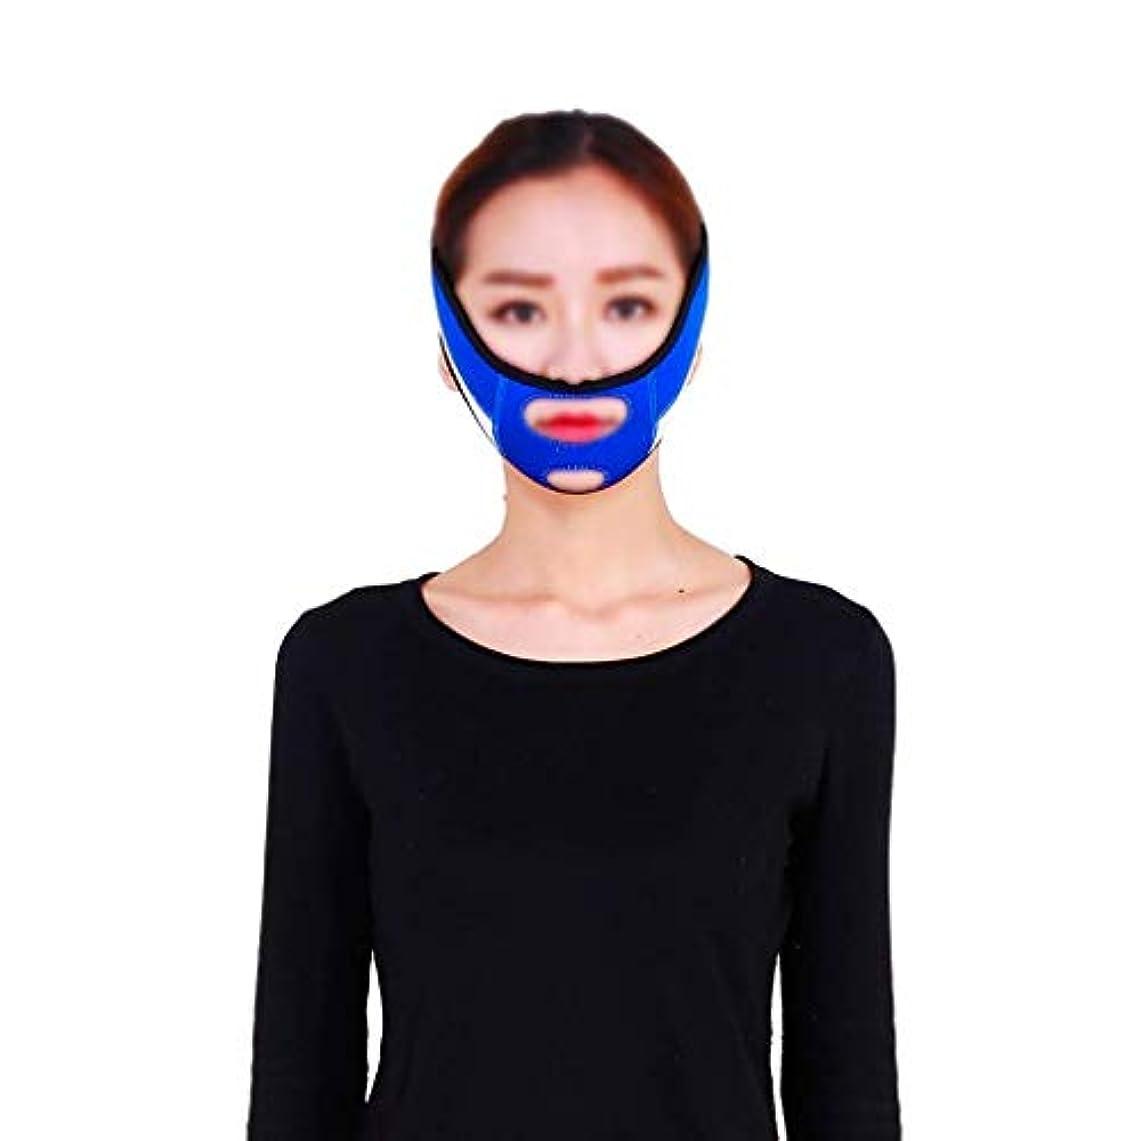 キリスト縫う面ファーミングフェイスマスク、スモールVフェイスアーティファクトリフティングマスク、口を調整して垂れ下がった肌を縮小滑り止め弾性ストレッチ包帯